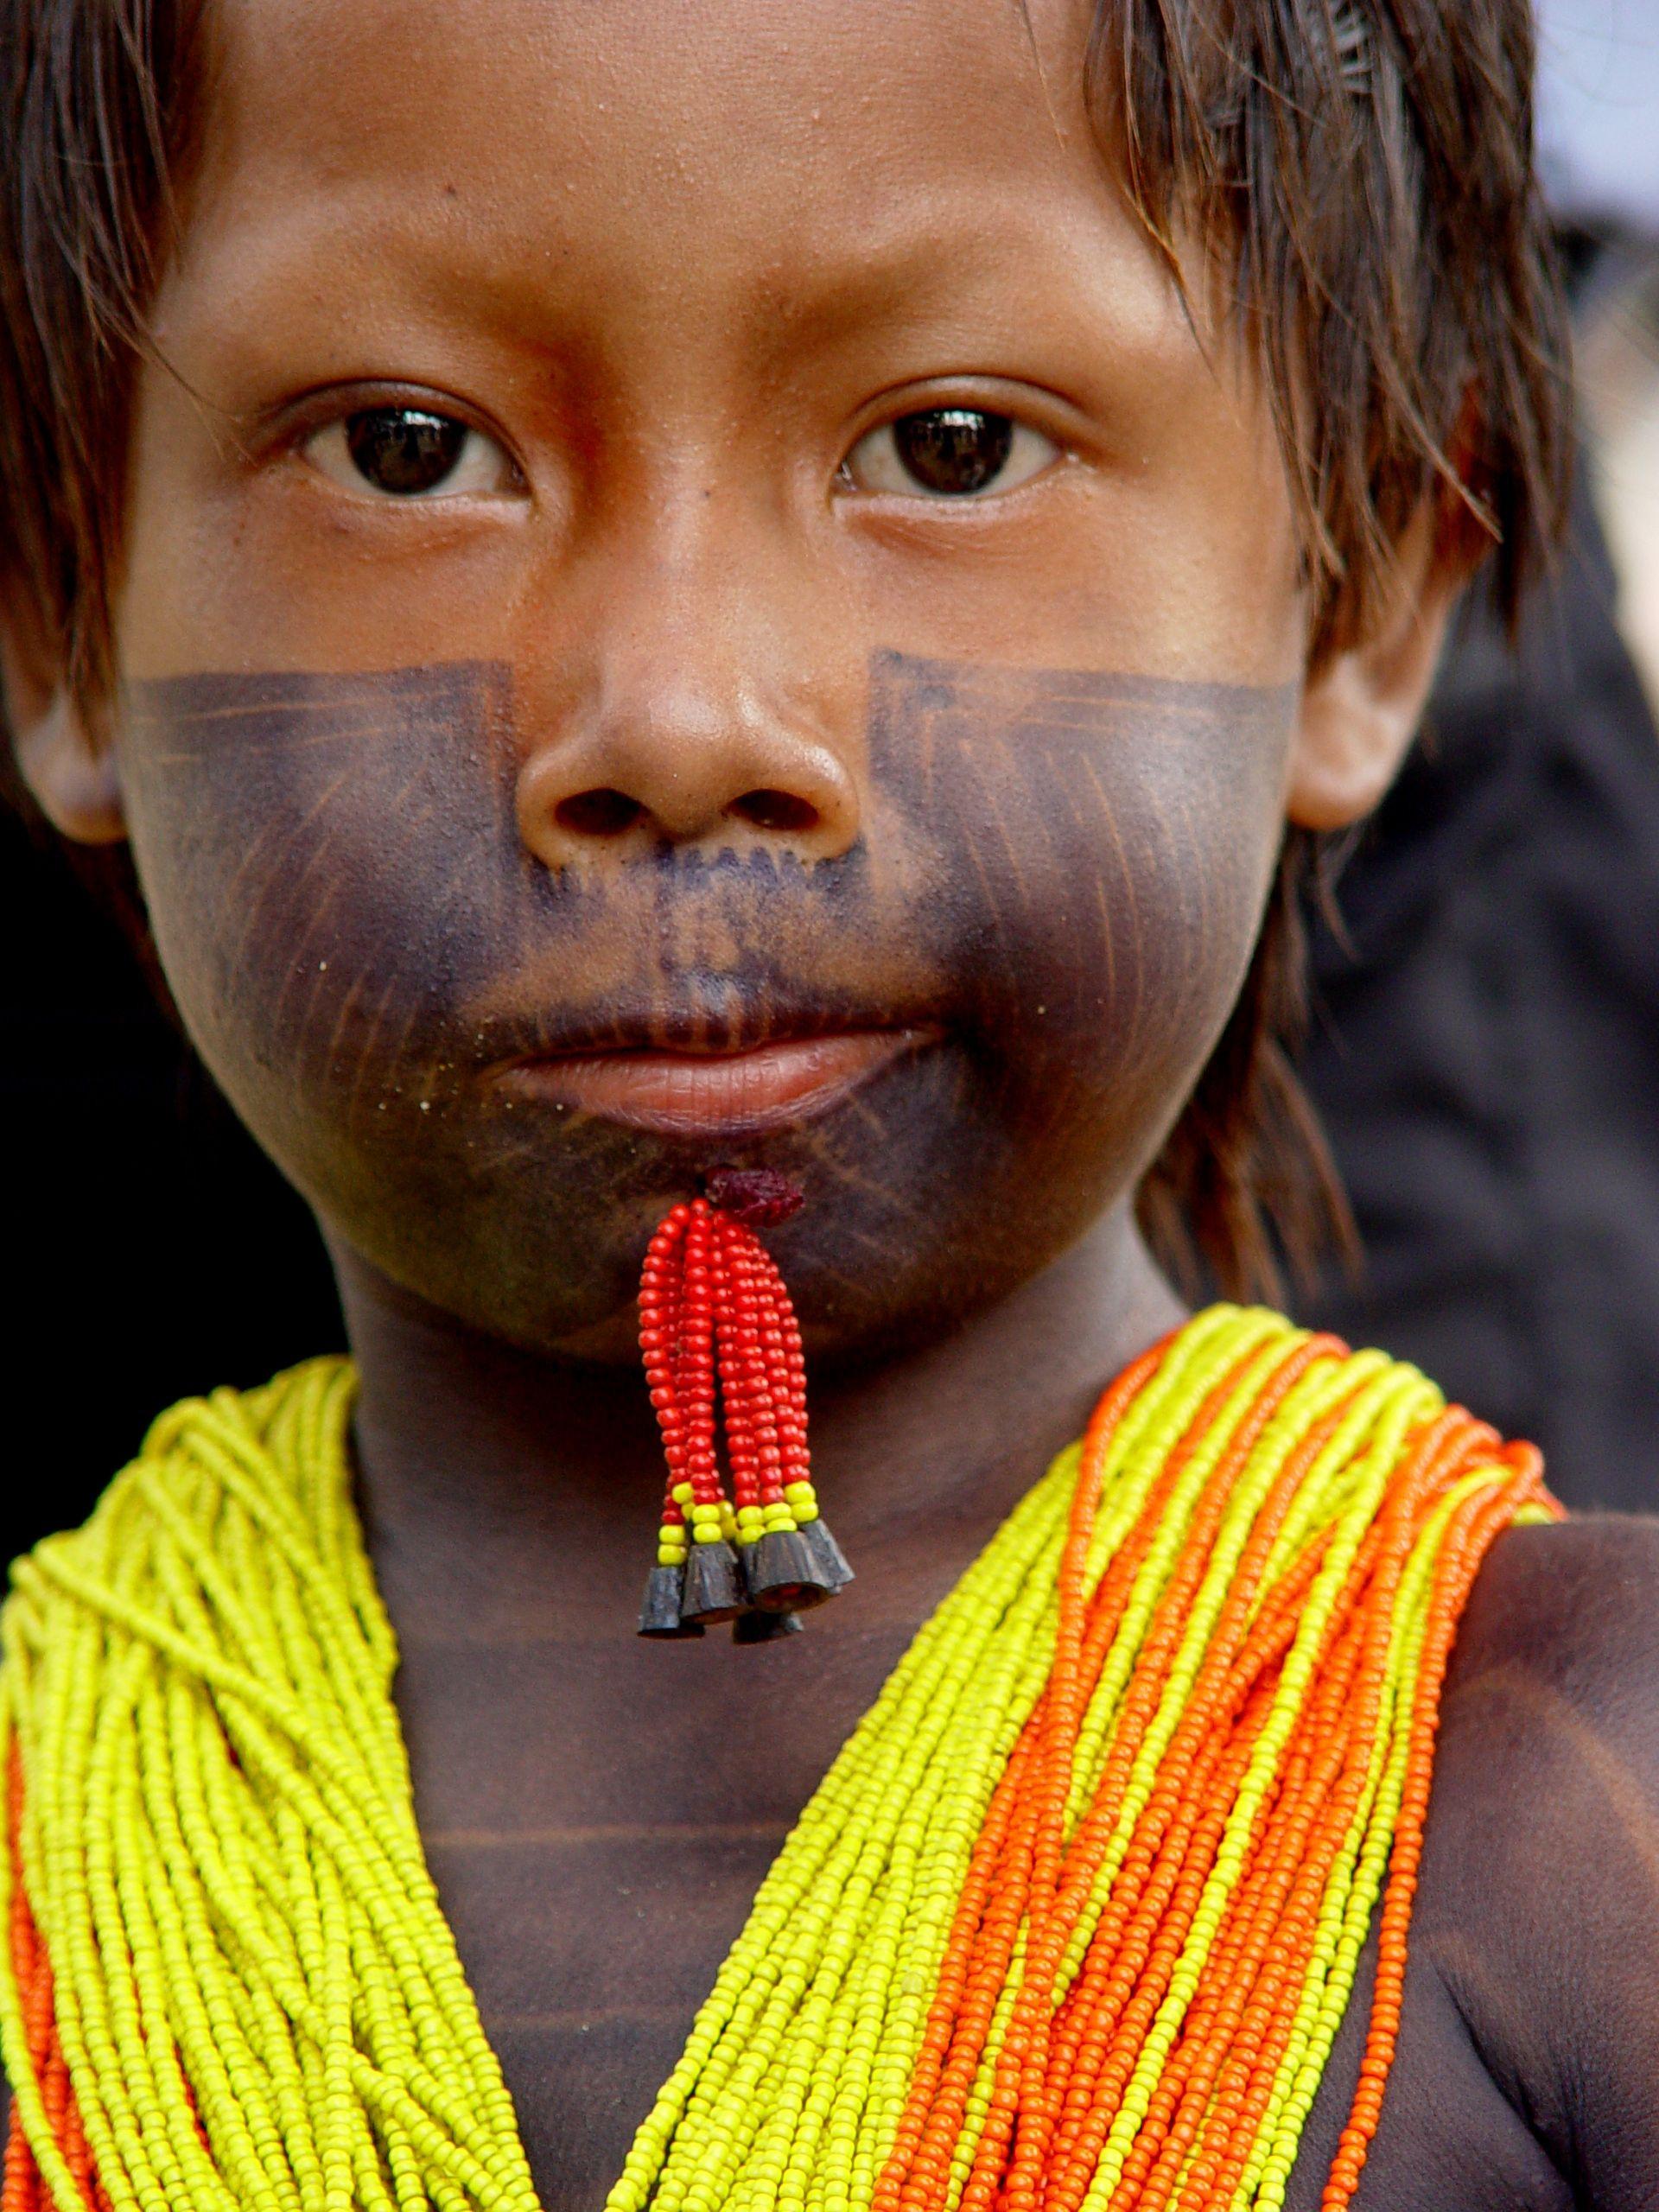 Brazilian Indian Child. Brazilian people, Global beauty